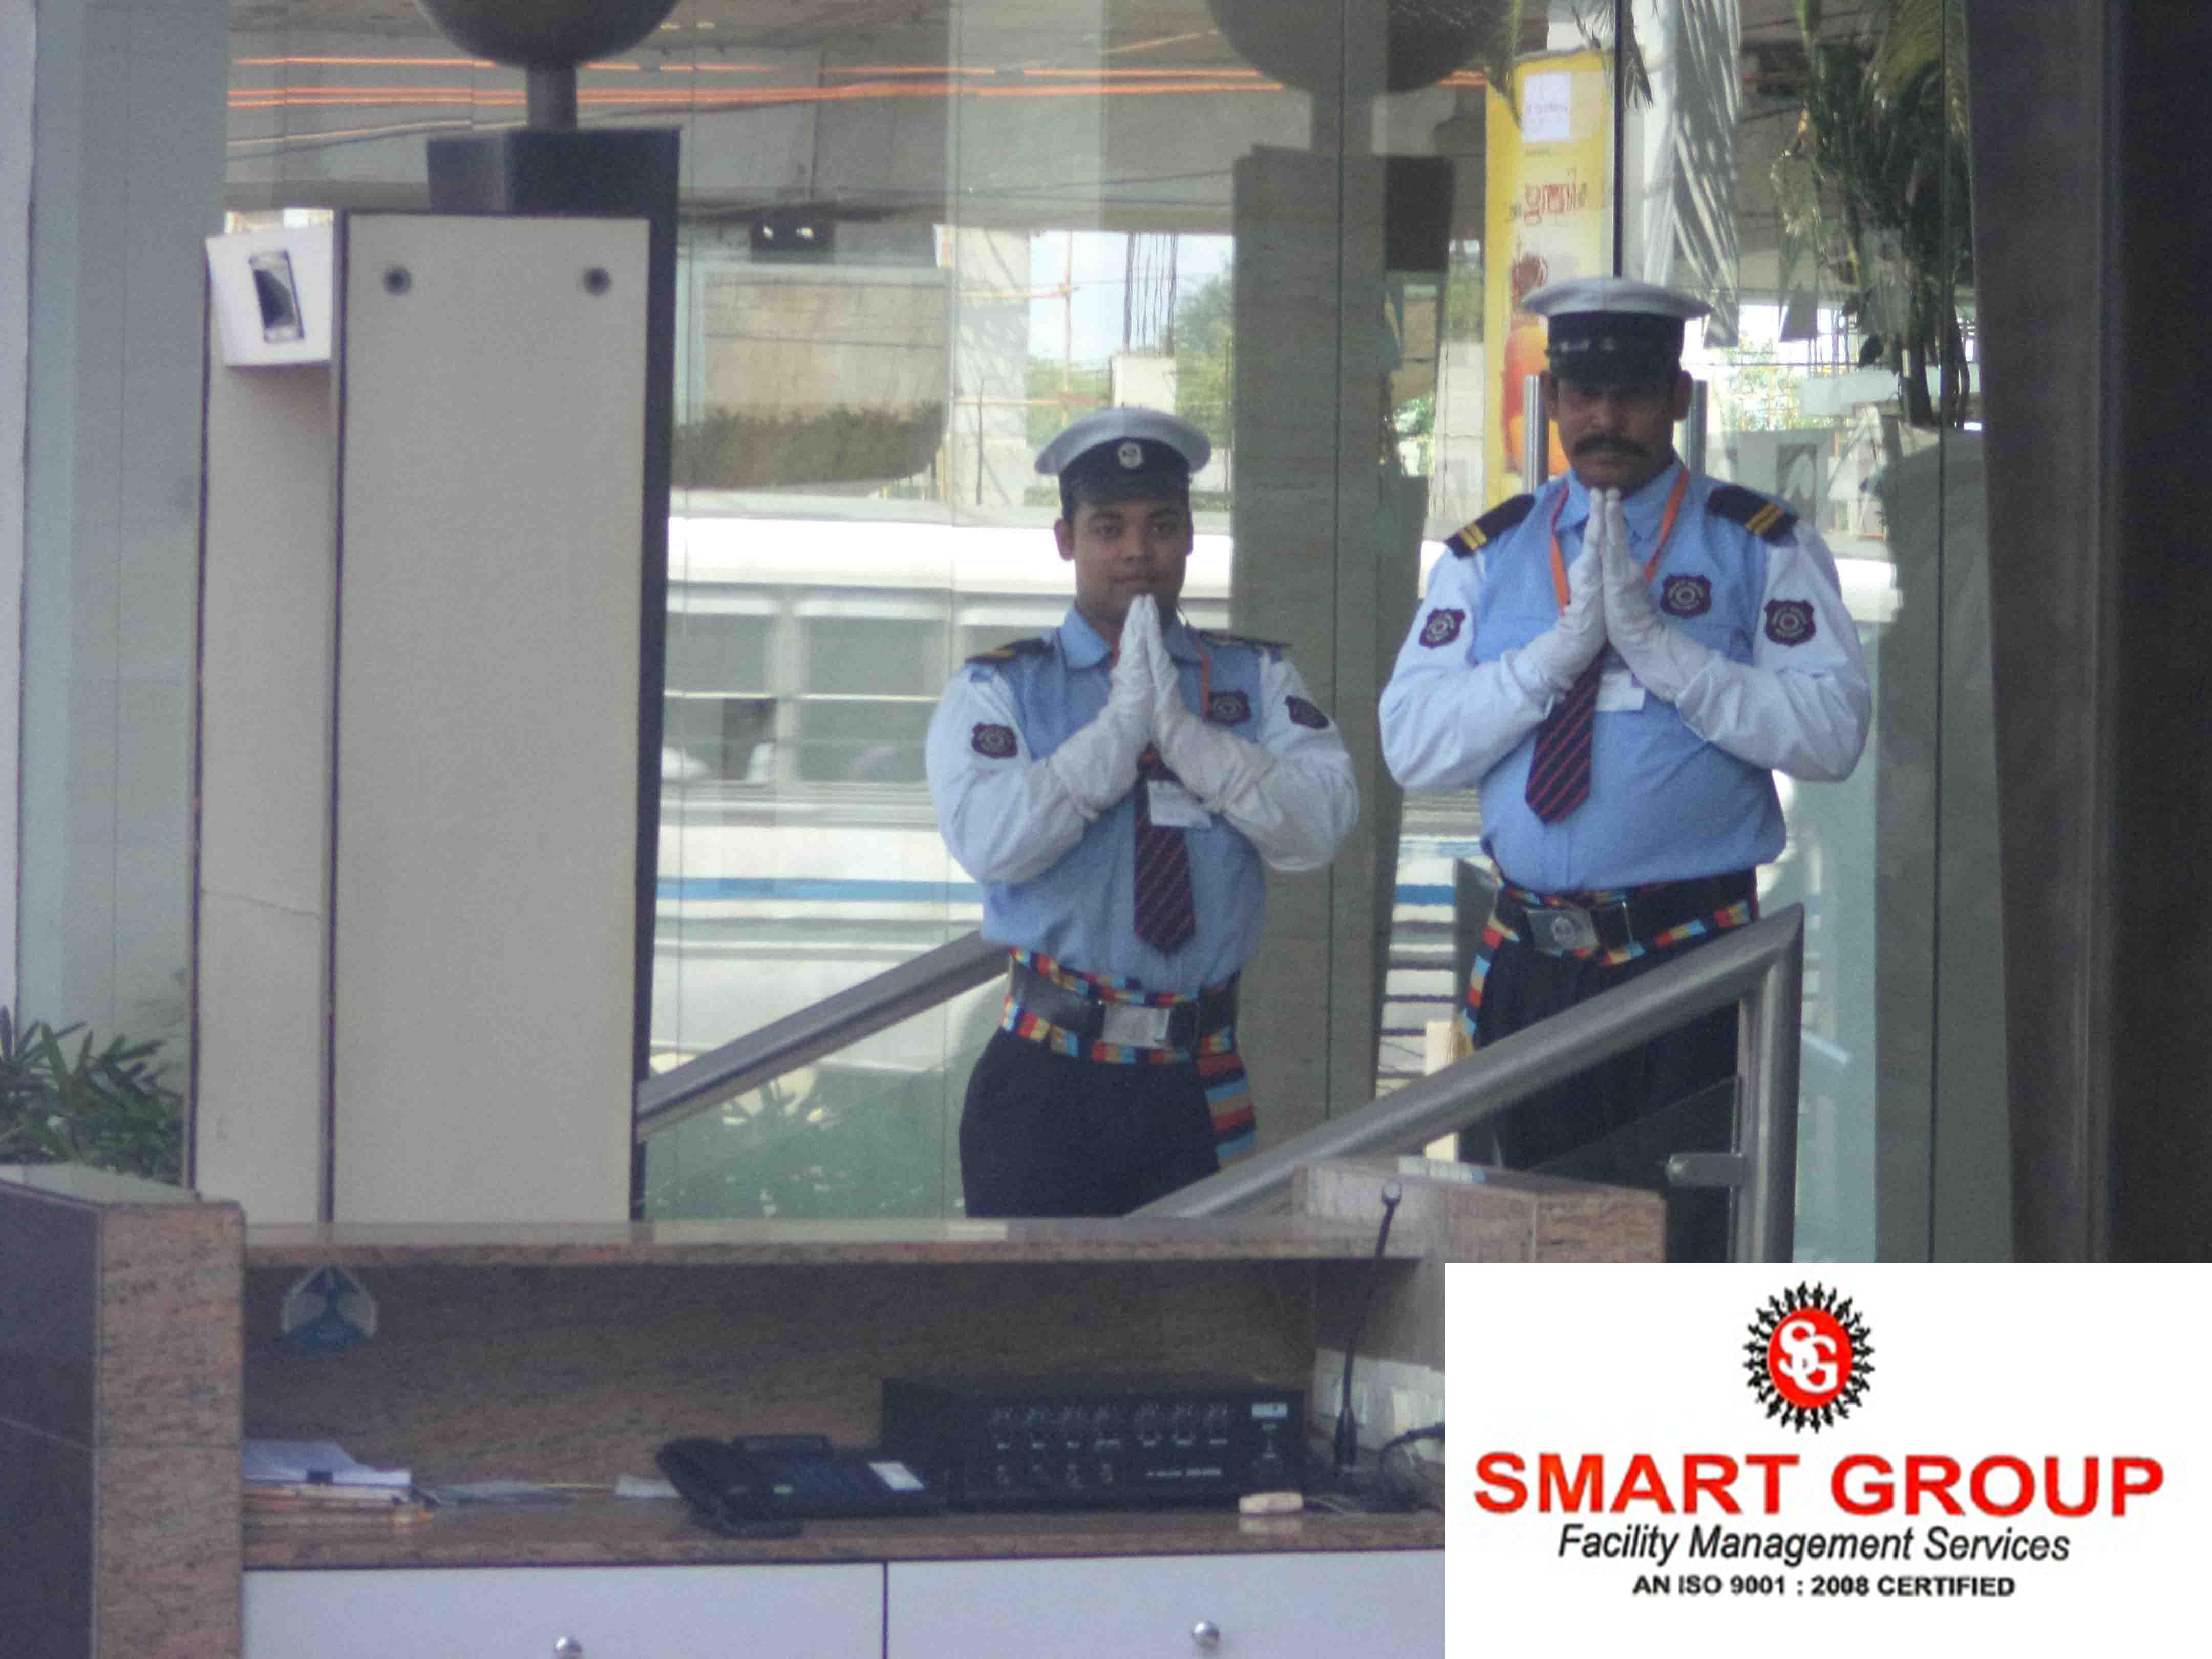 Hotel Security Service in Kolkata